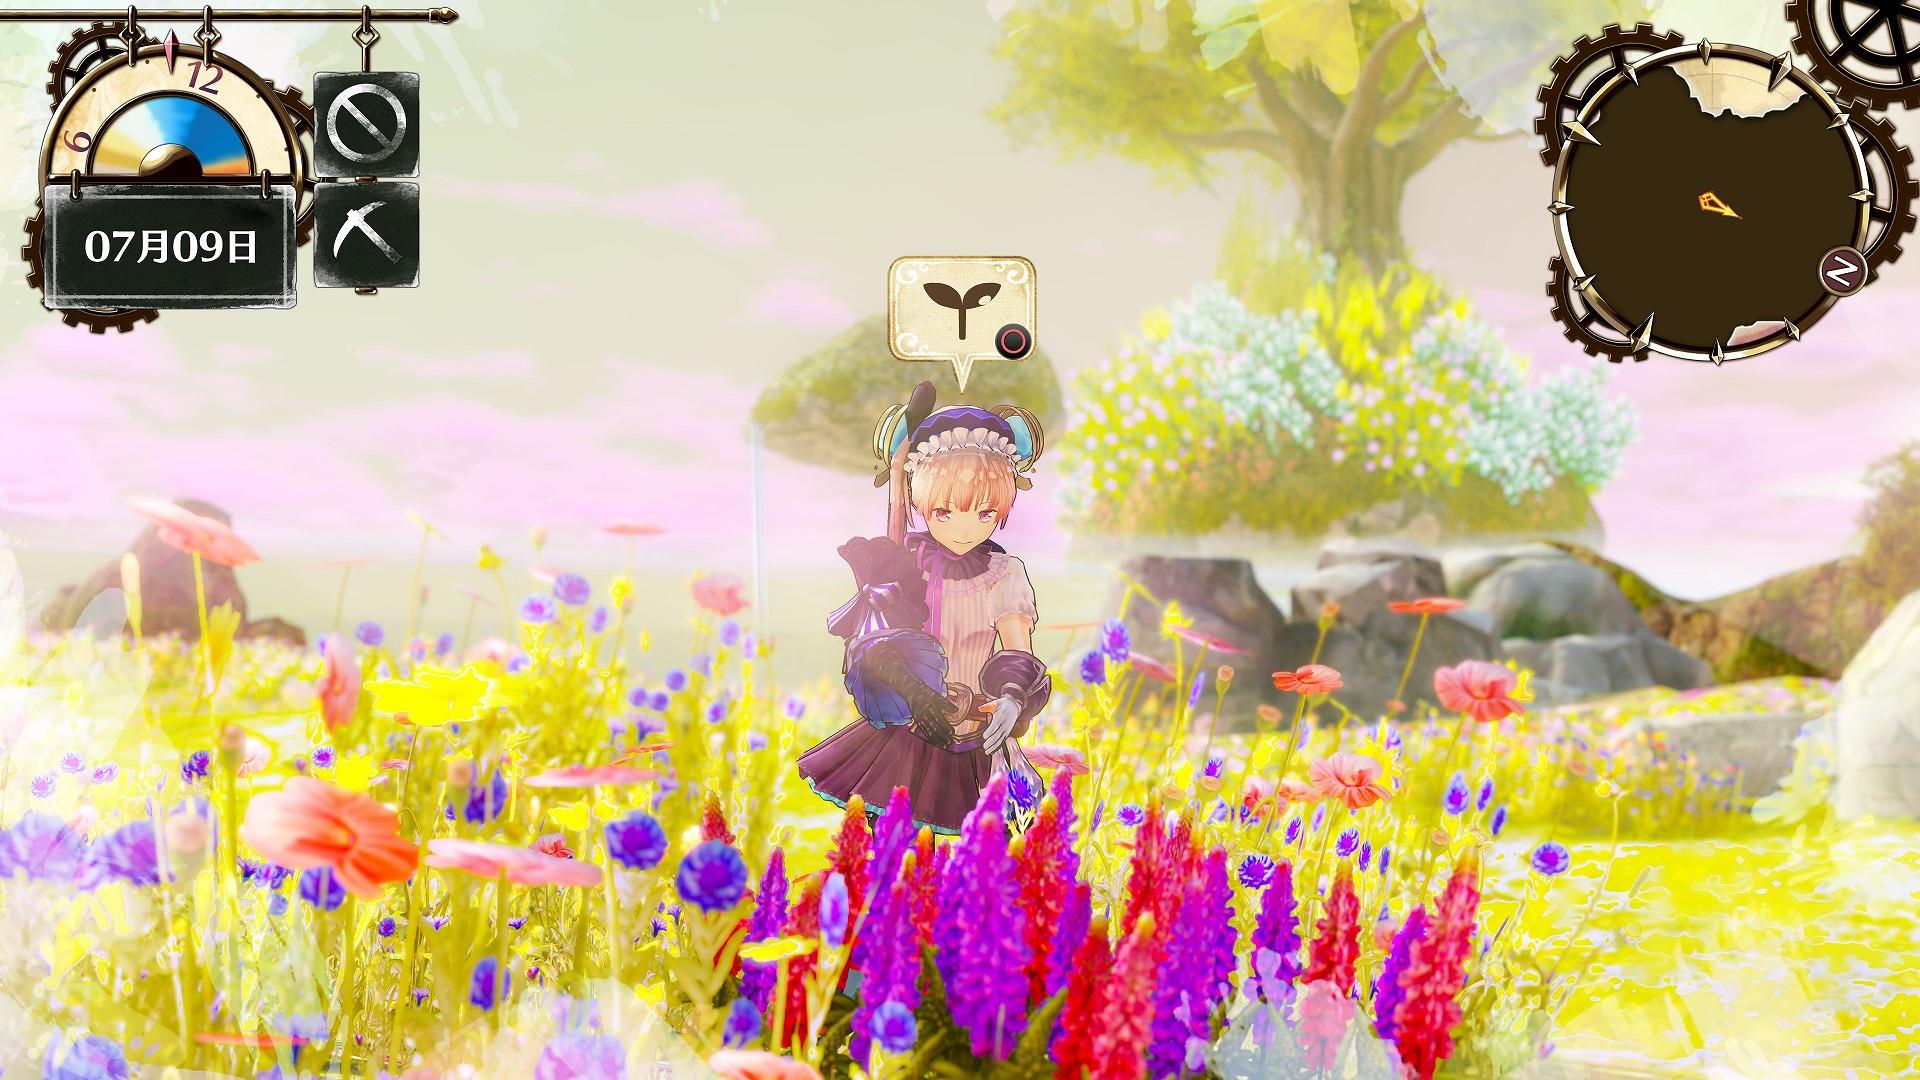 http://www.4gamer.net/games/383/G038341/20170803045/SS/012.jpg